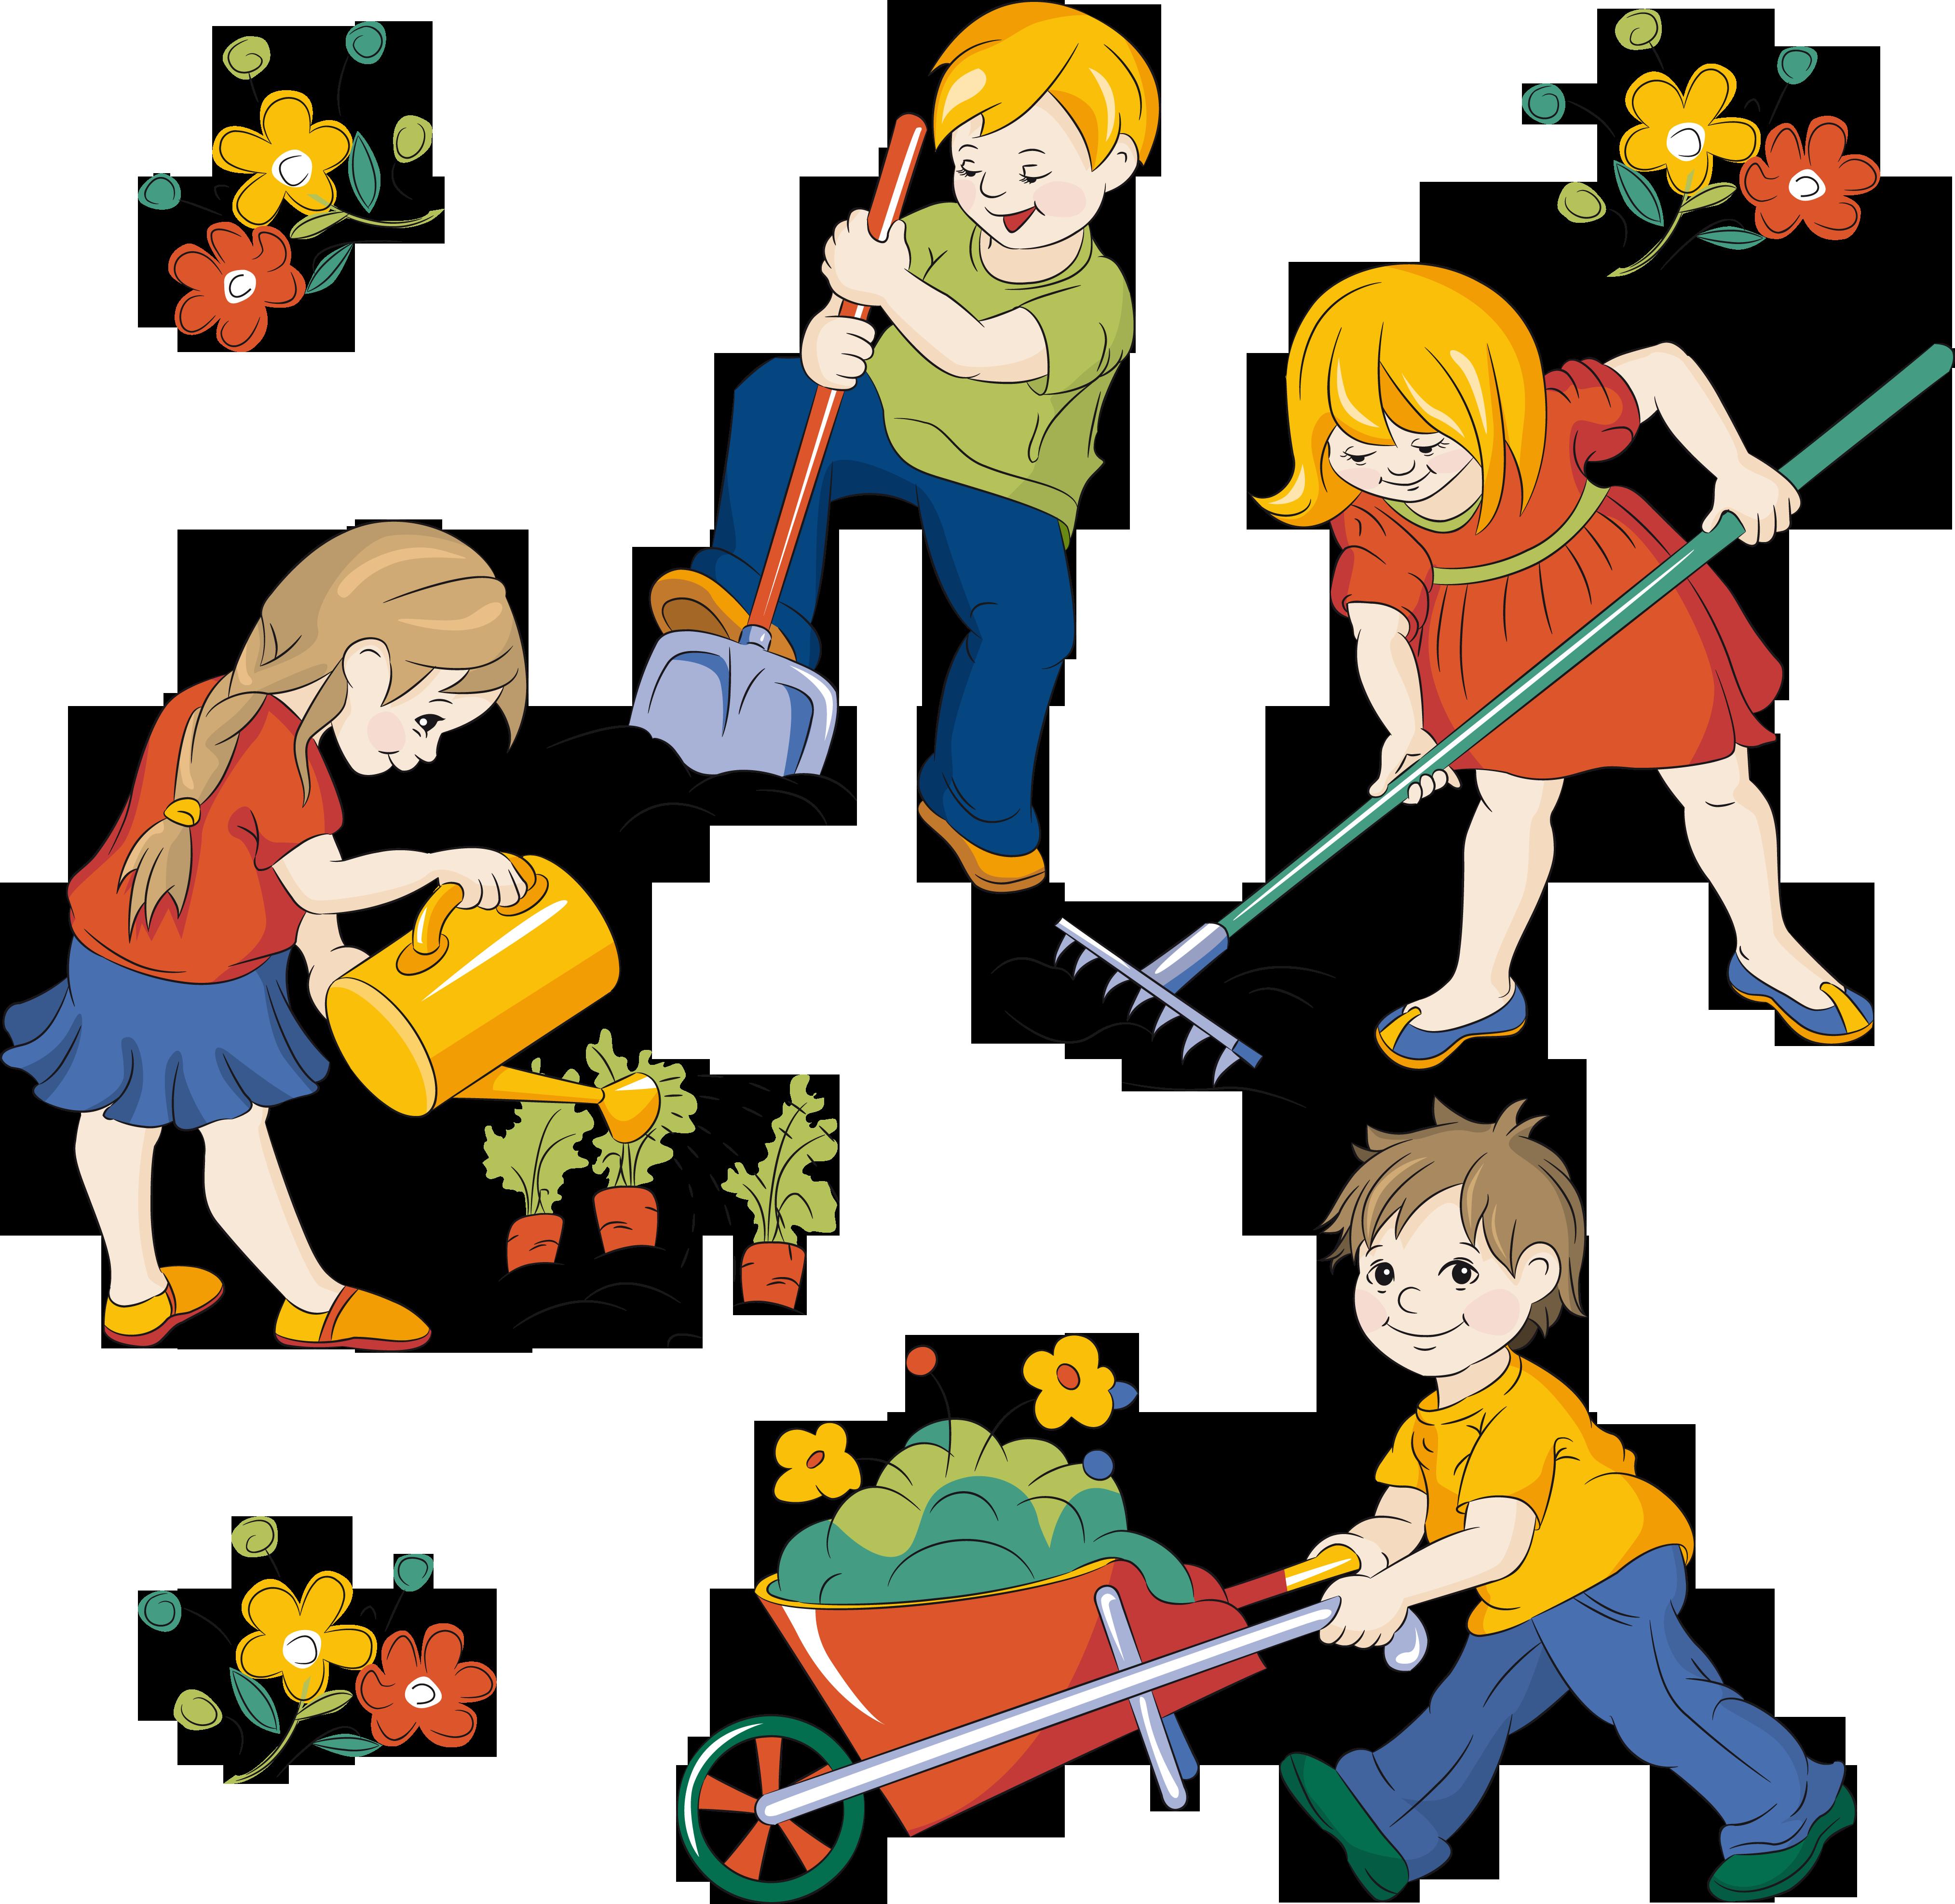 Картинке о труде детей